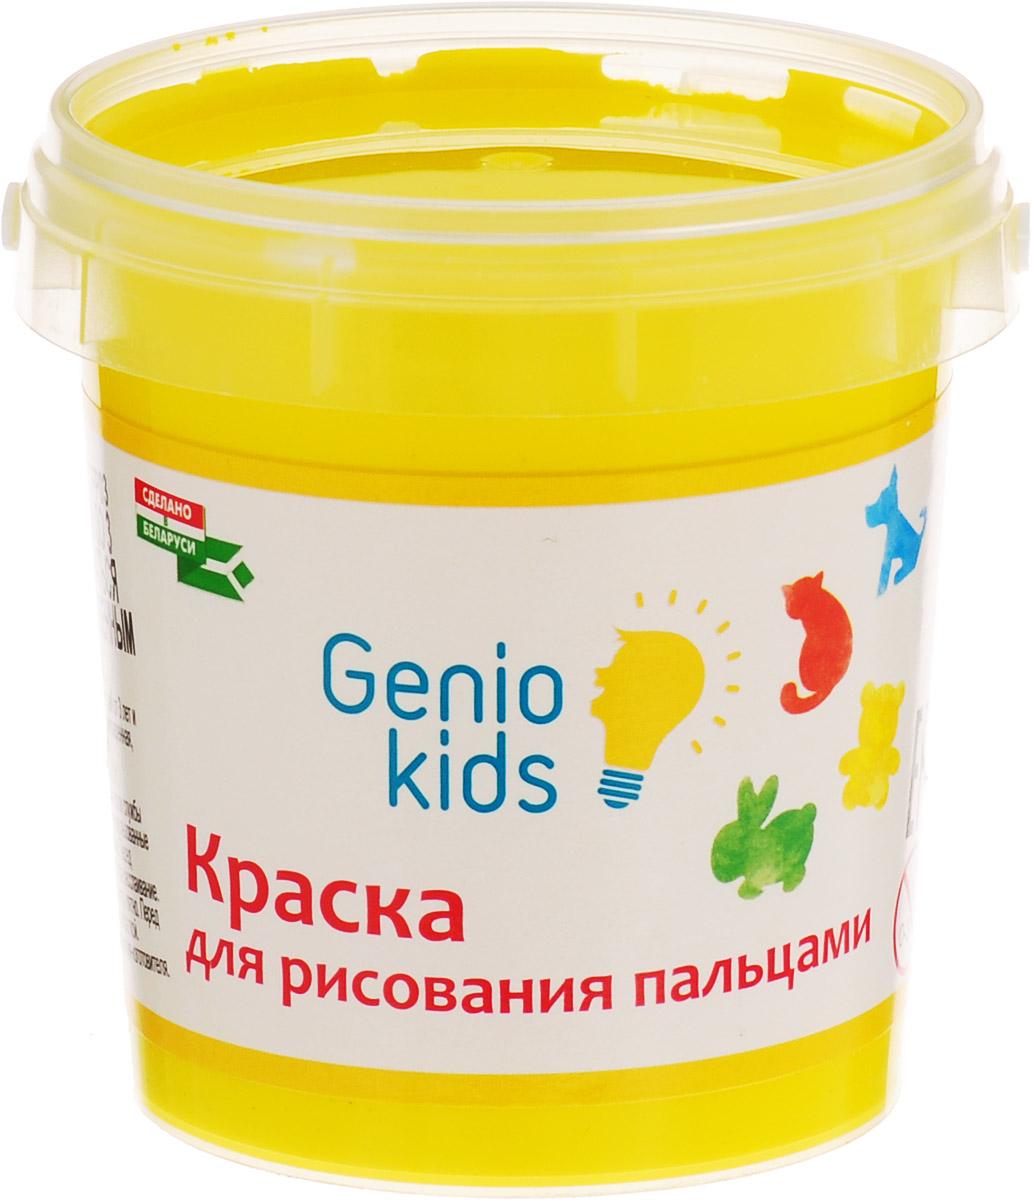 Genio Kids Краска пальчиковая цвет желтый 100 млFP03_желтыйОдним из самых легких и интересных видов творчества, в котором ваш ребенок с удовольствием примет активное участие - это рисование.Пальчиковая краска Genio Kids даст вашему ребенку возможность проявить себя, предоставив необходимый минимум творческих принадлежностей. При использовании краски не понадобятся ни кисточка, ни вода, достаточно просто открыть банку, окунуть в краску пальчик - и можно приступать к творчеству.Пальчиковая краска безопасна, легко смывается с рук и любых поверхностей. Рисование будет развивать у вашего малыша творческие способности, воображение, логику, память, мышление.